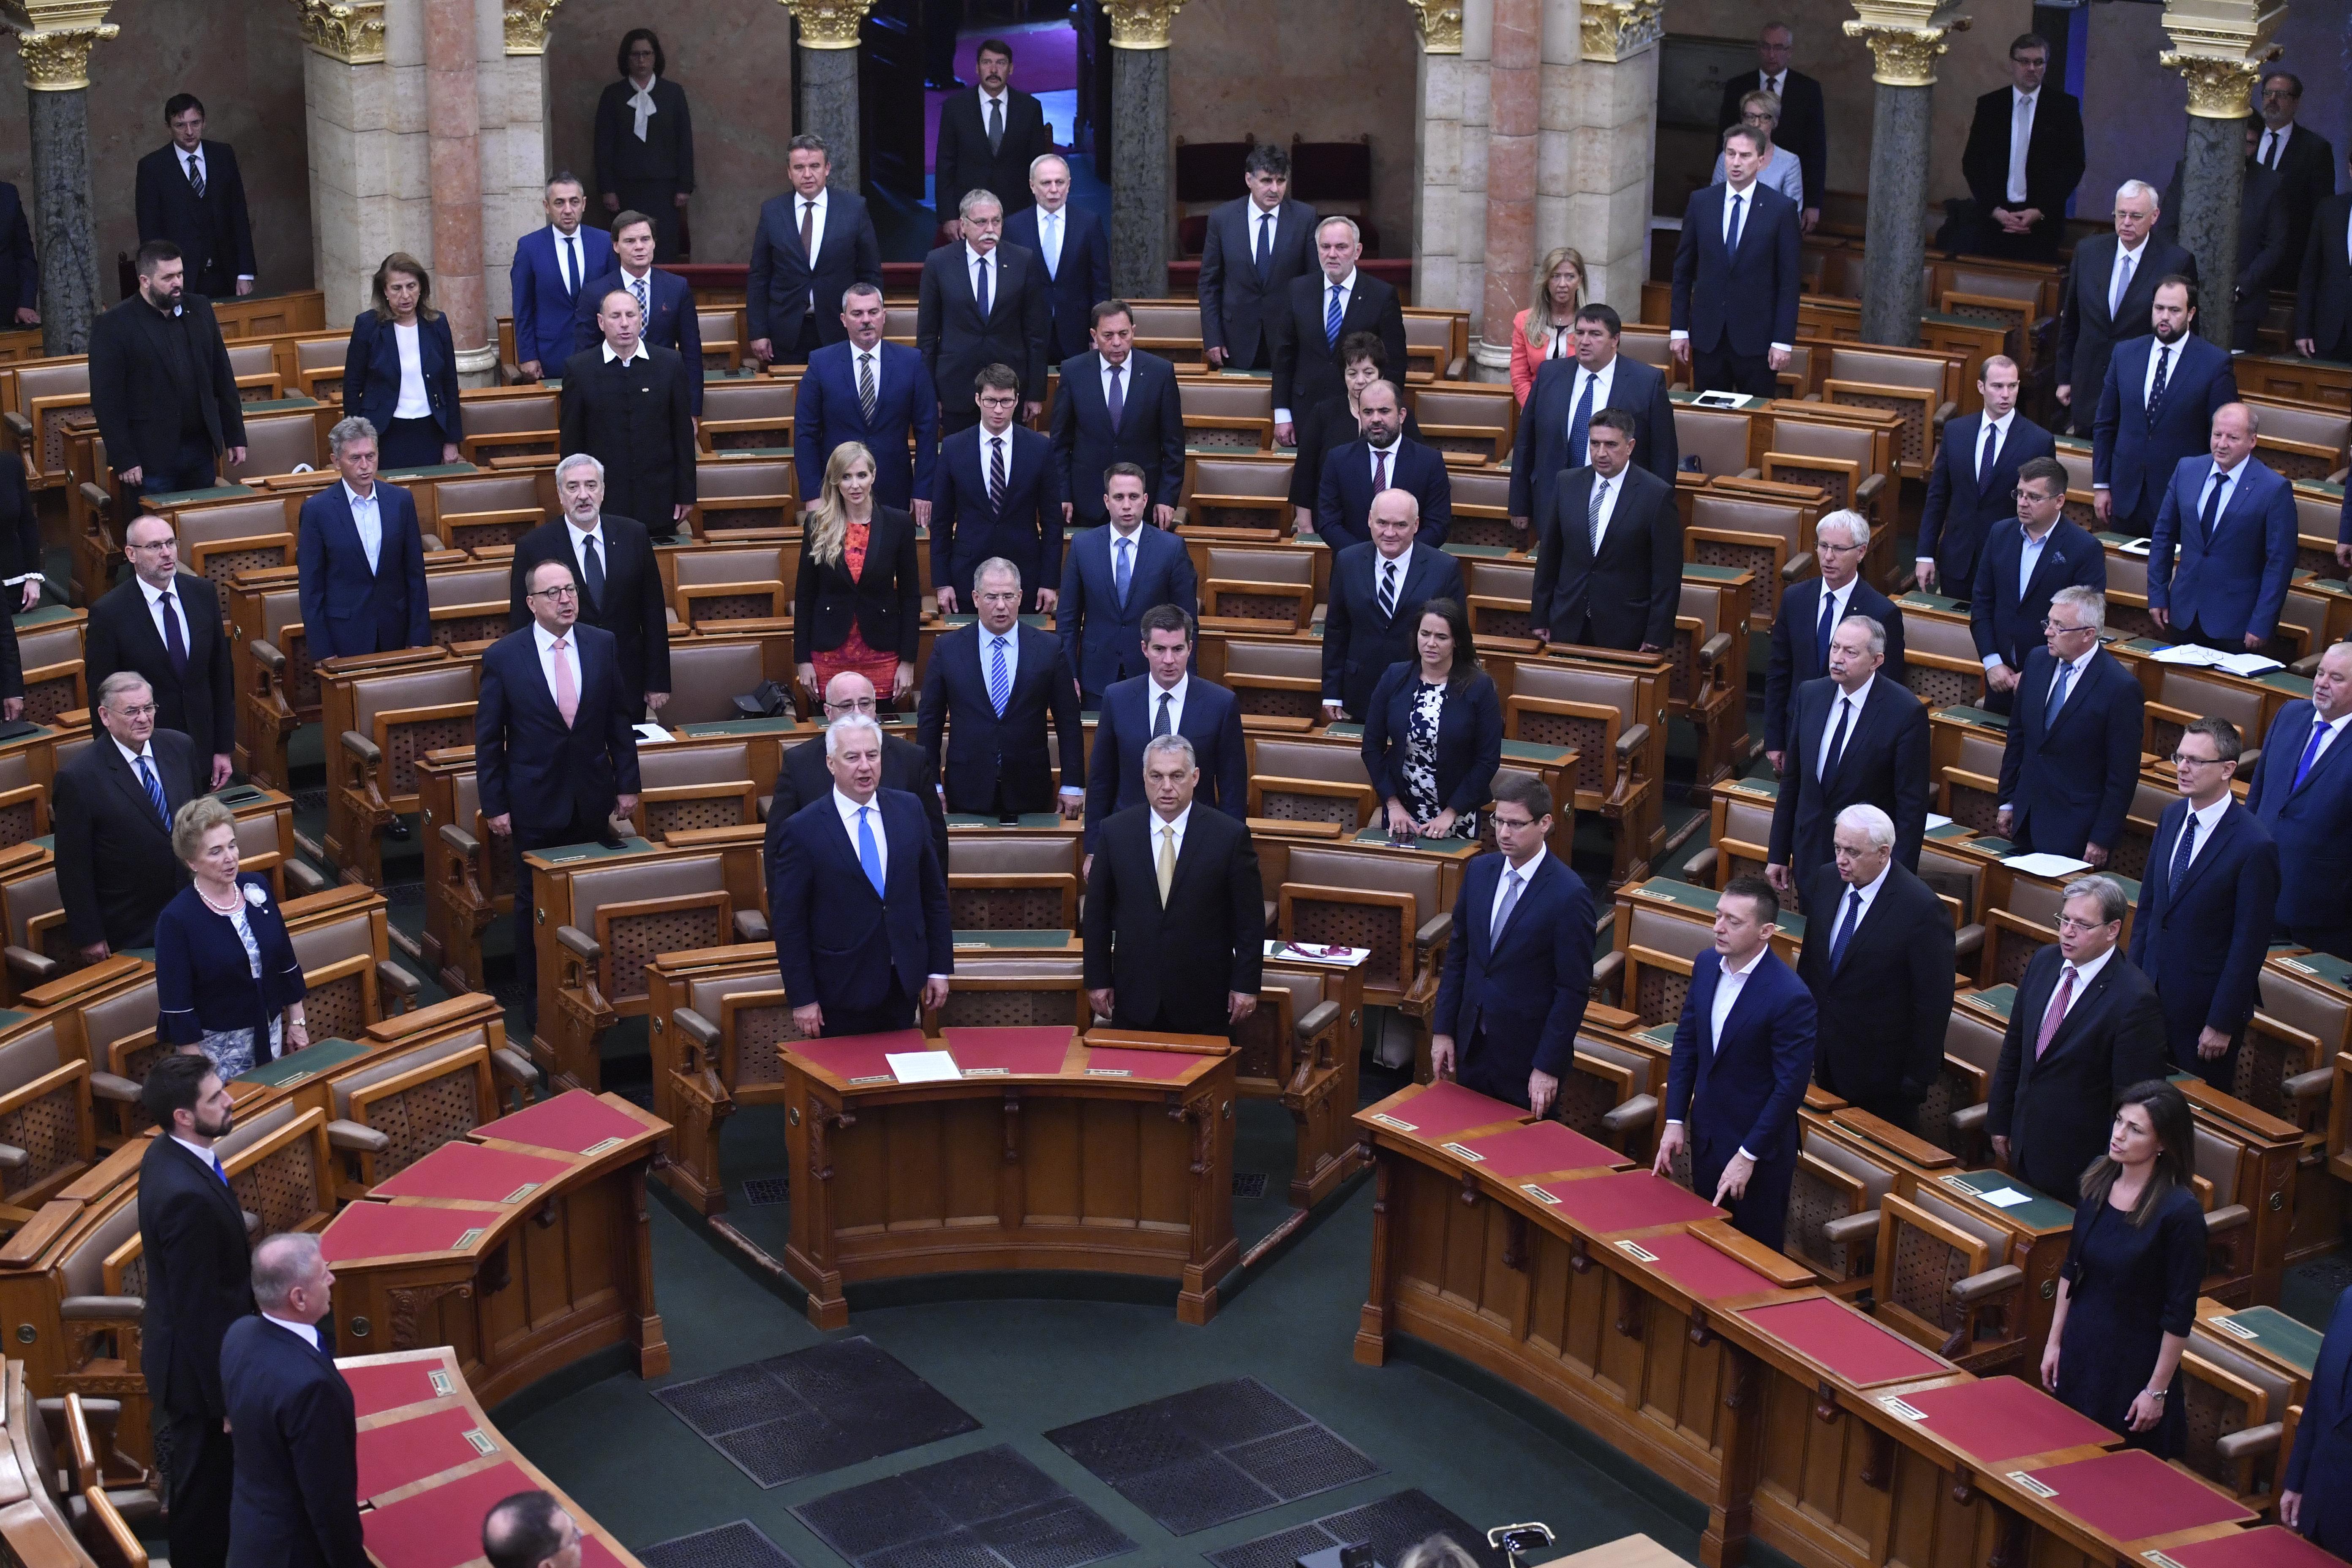 Az ellenzéki pártok is meg fogják szavazni a rendkívüli jogrend bevezetését